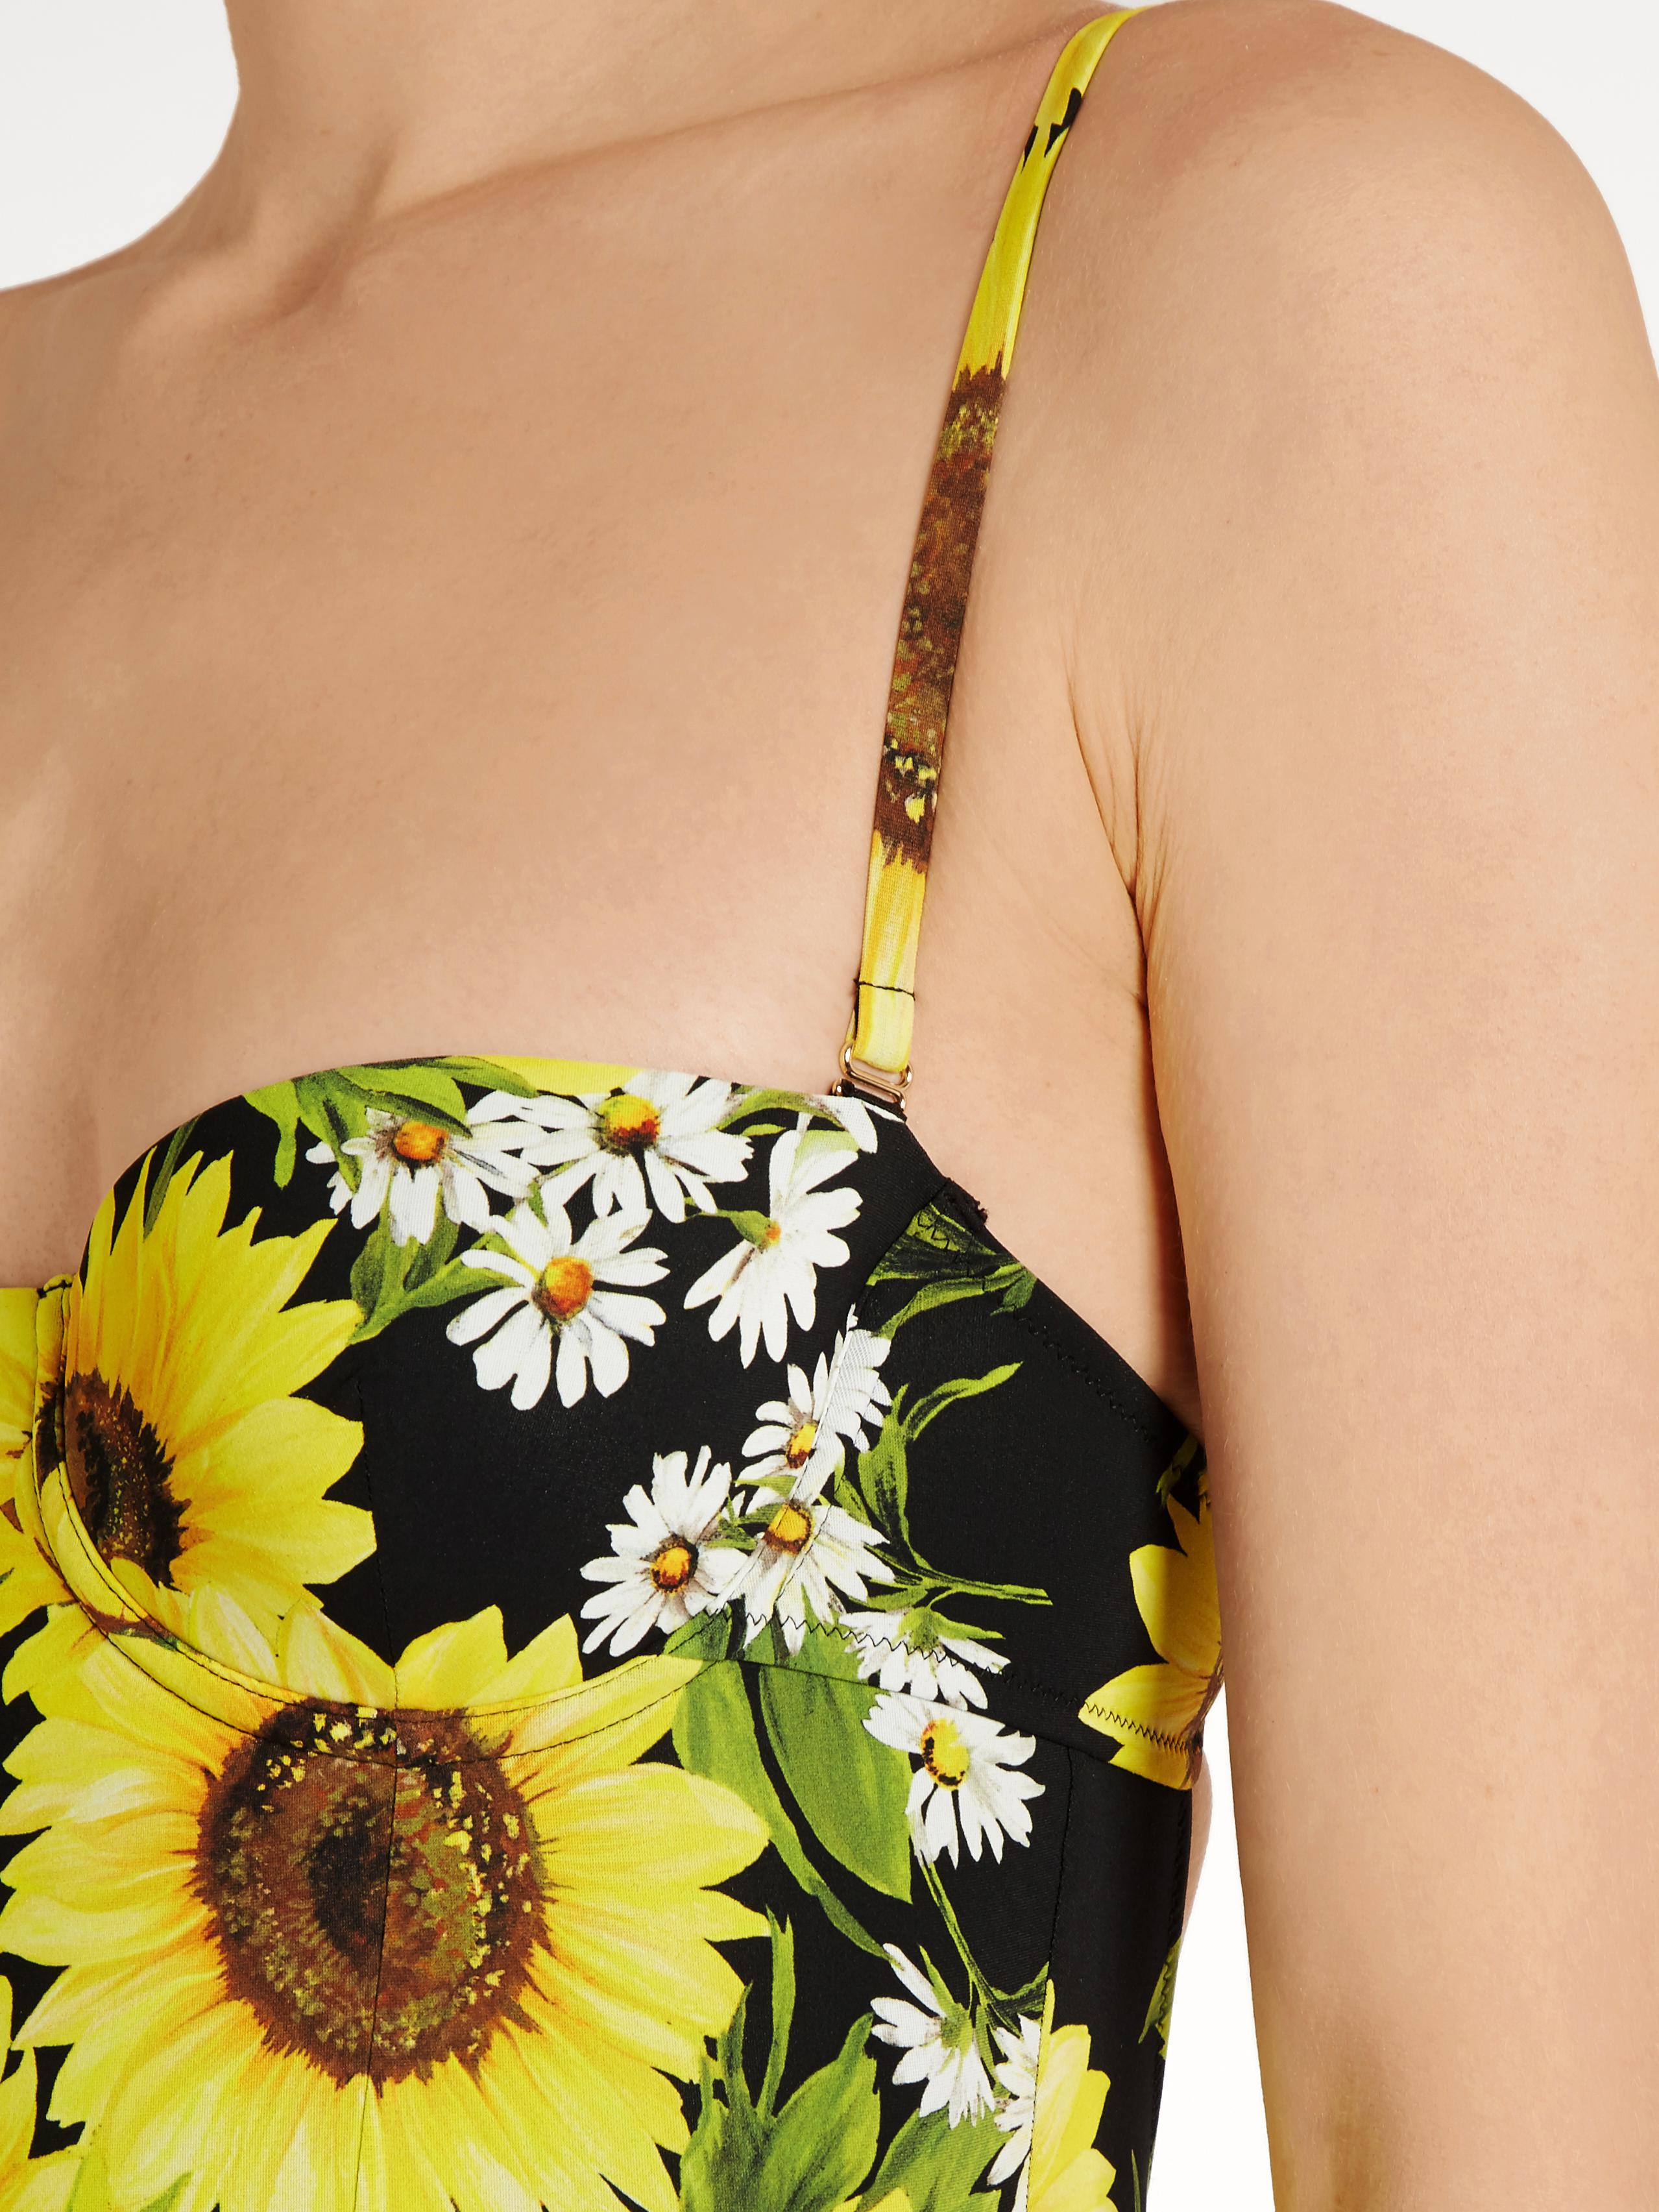 e78ac536089db Dolce & Gabbana Sunflower-print Balconette Swimsuit in Black - Lyst